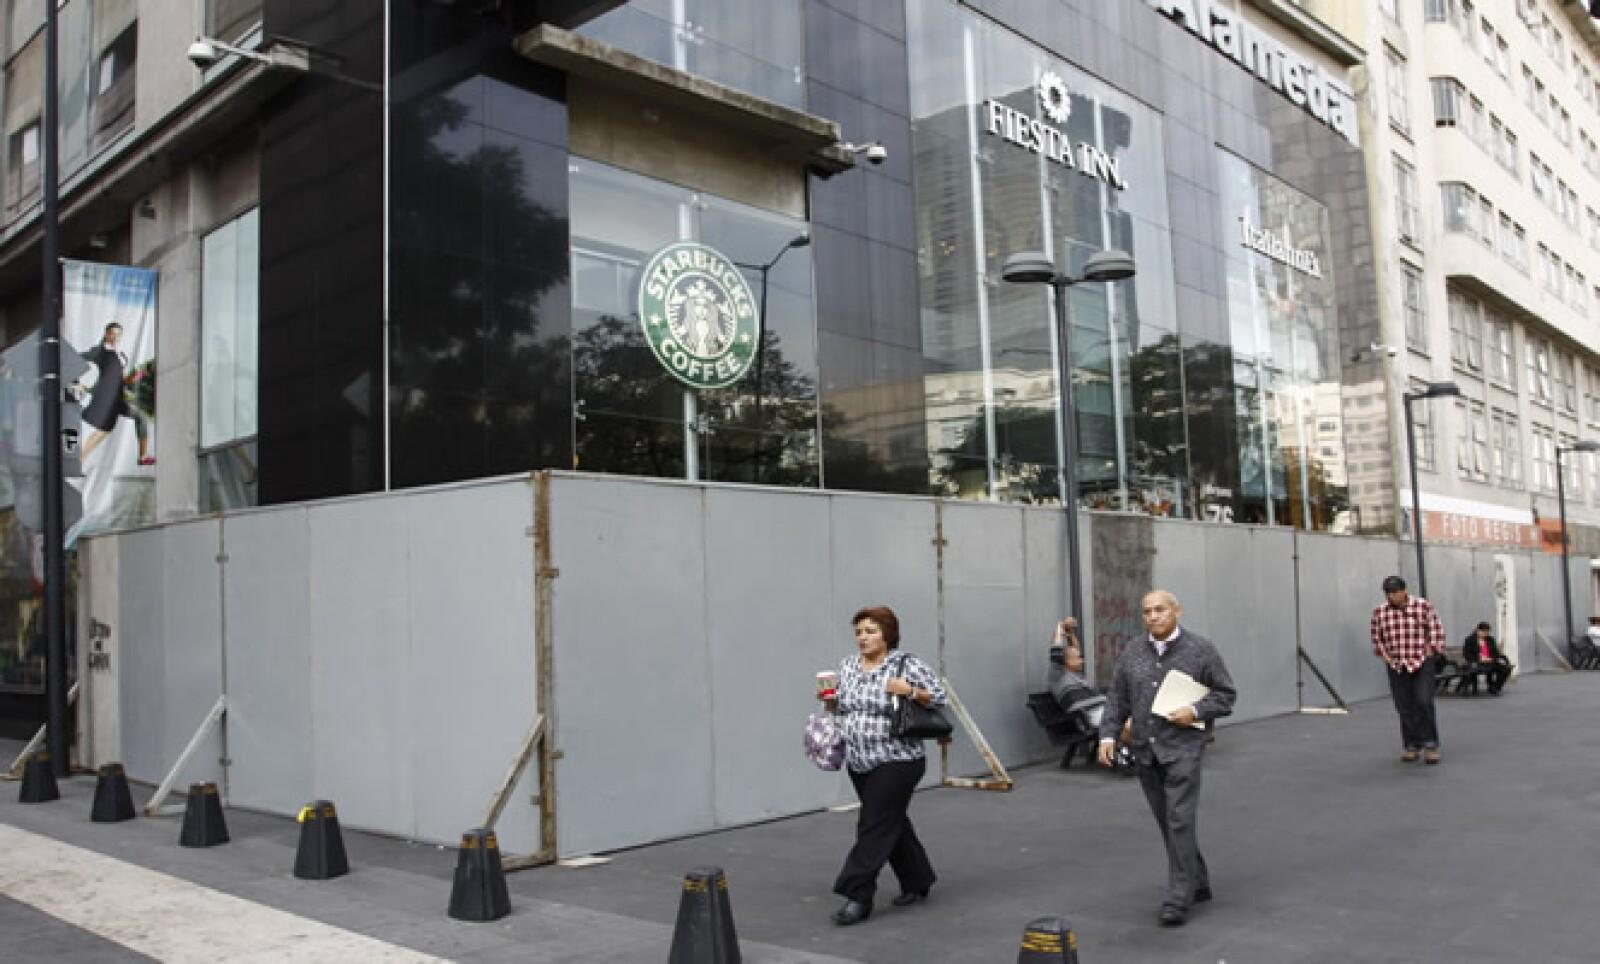 Los negocios han colocado barricadas para evitar las agresiones a sus locales.